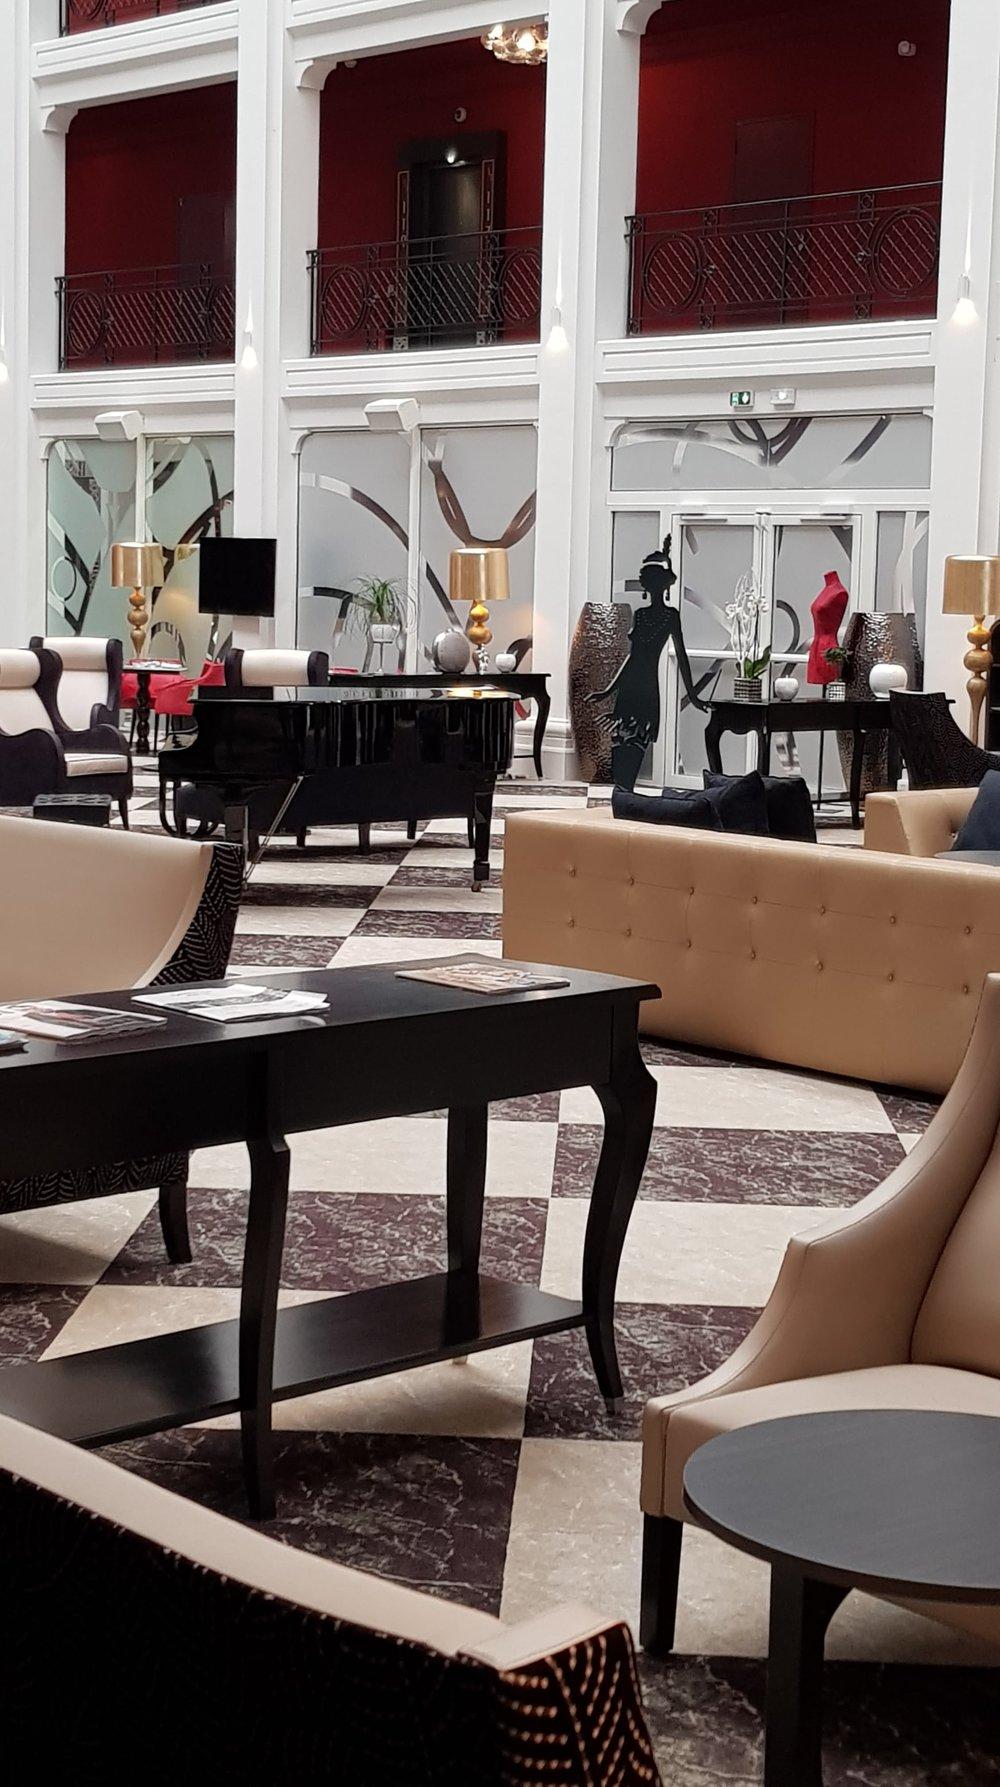 Aperçu du hall de l'hôtel Regina. Superbe ! Et cette sculpture de la danseuse années folles, je suis amoureuse !